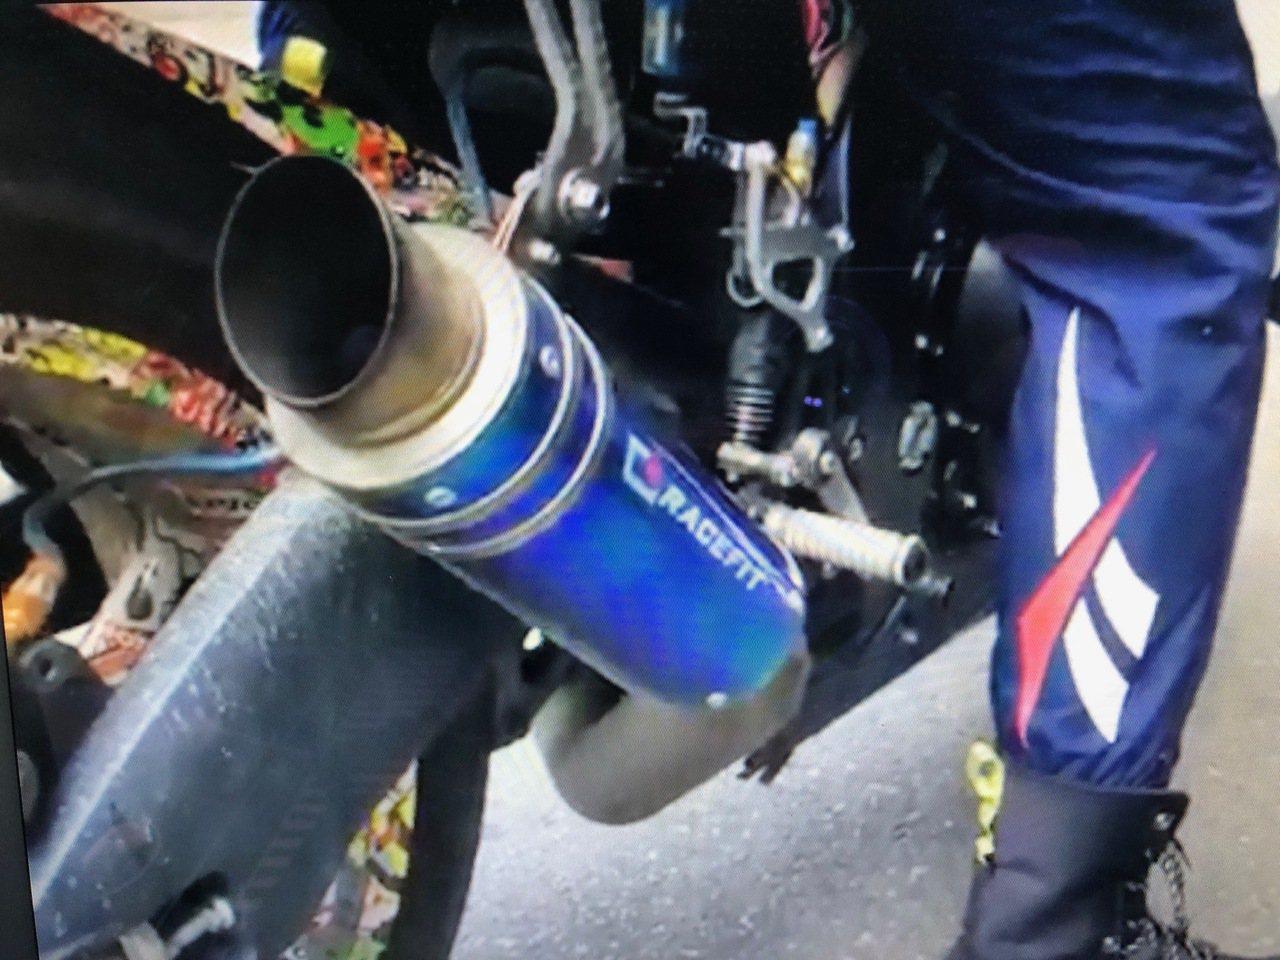 台中市第五警分局為維護新社花海活動的寧靜,將在展出期間,不定時聯合環保局、監理站...